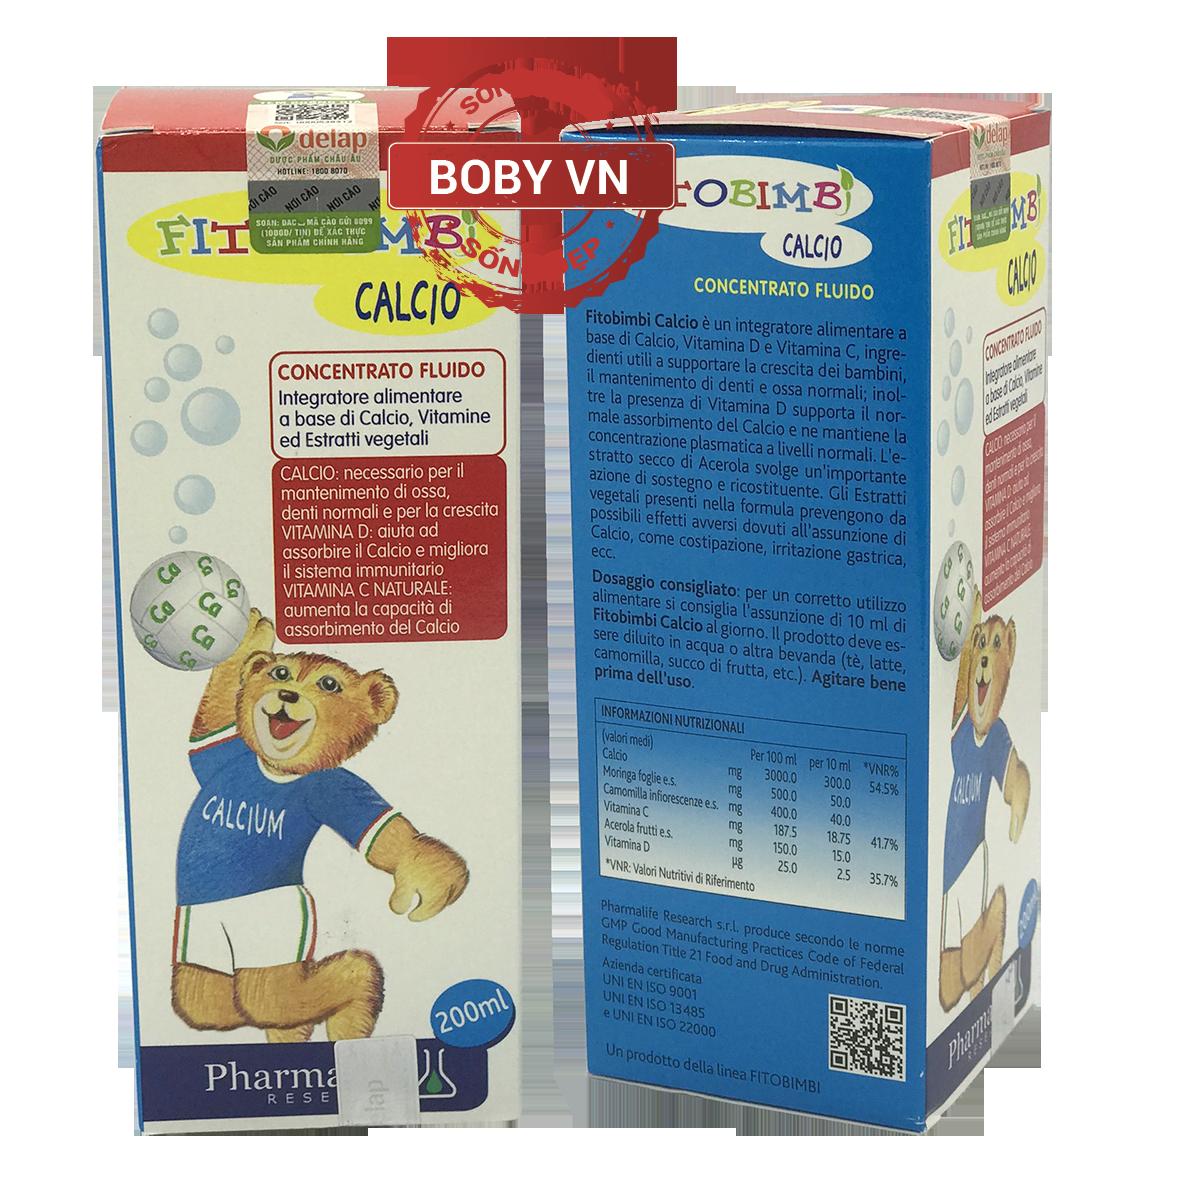 Fitobimbi Calcio Bimbi bổ sung Canxi và vitamin D cho bé - Nhập khẩu từ Ý - Chính hãng